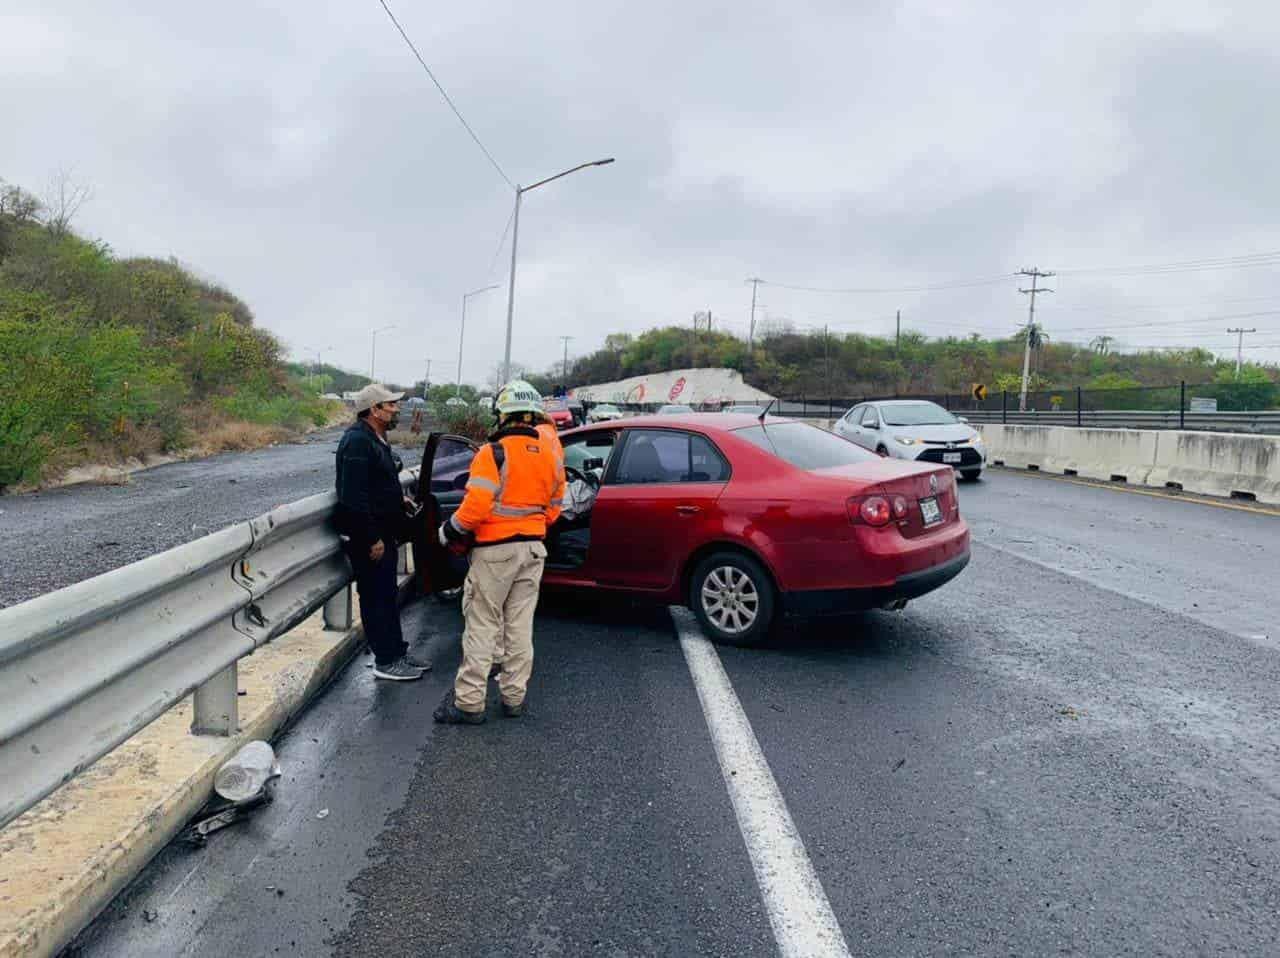 El pavimento mojado y el exceso de velocidad provocaron que perdiera el control del volante